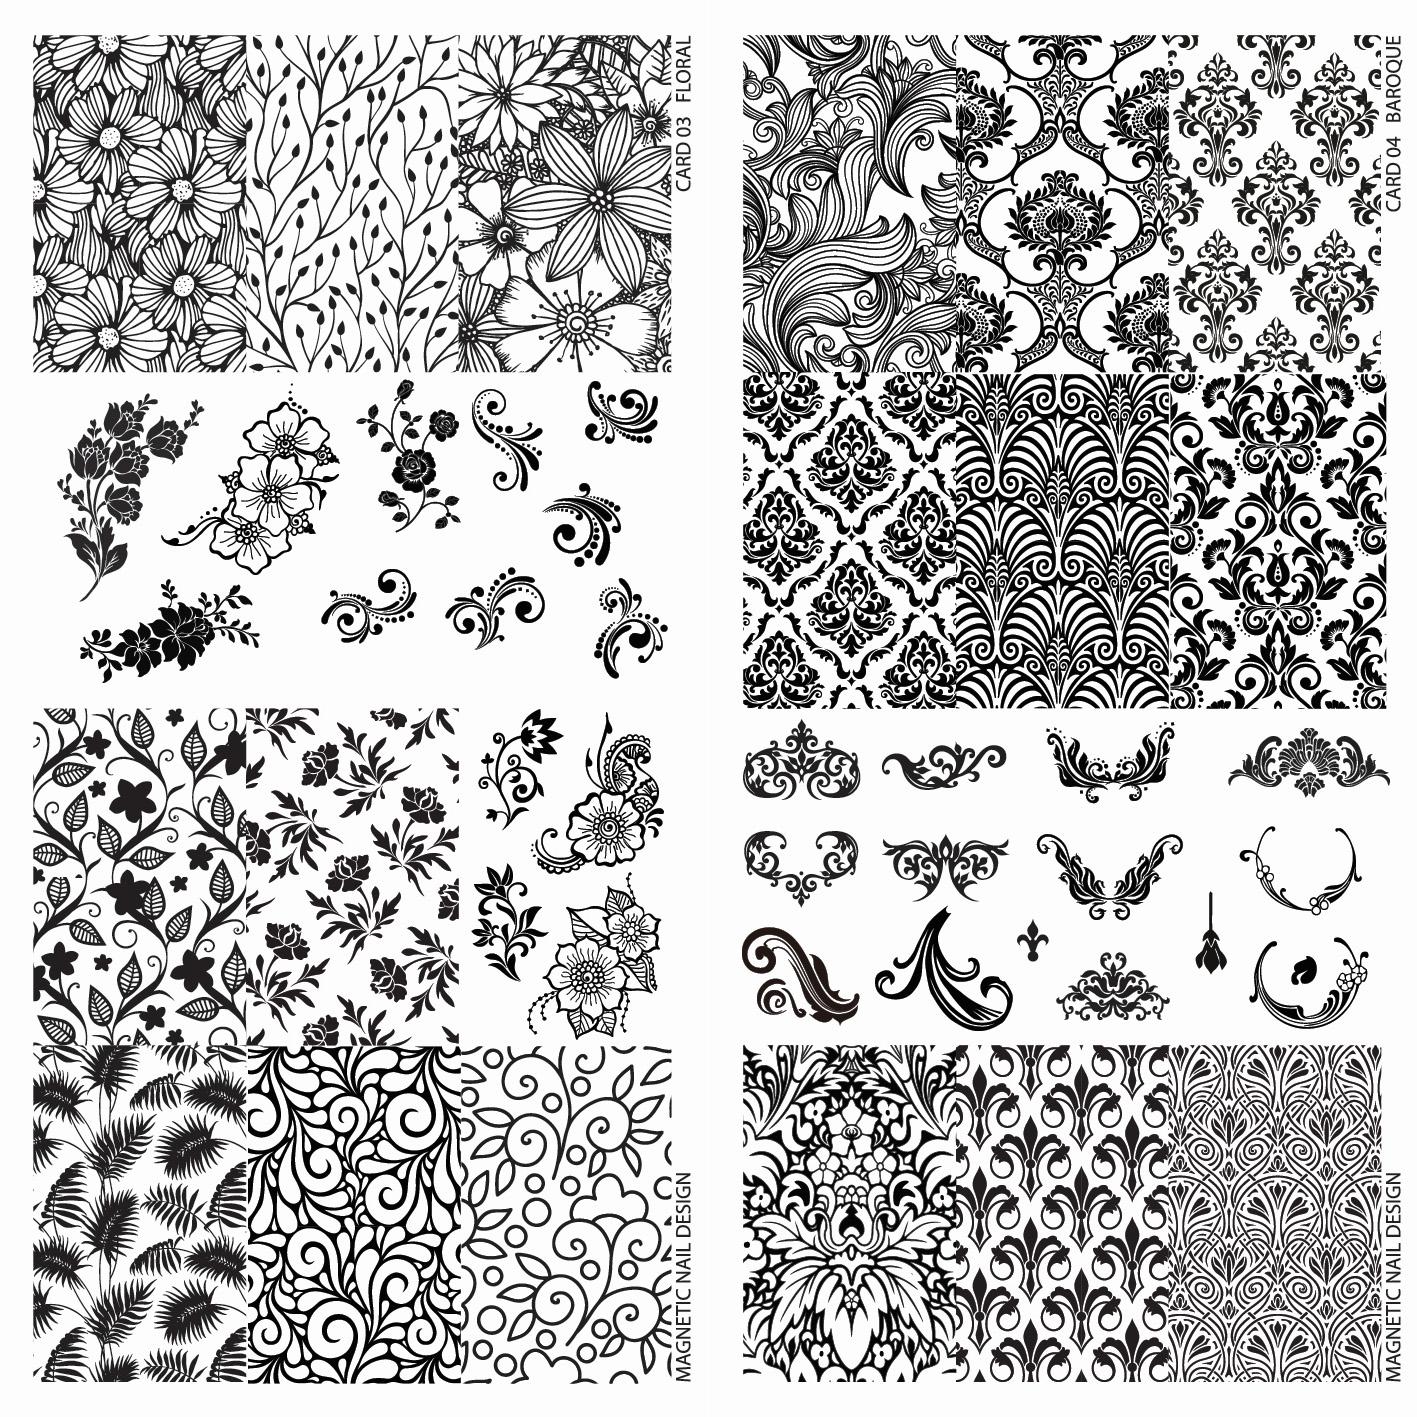 Naglar Stamp Plate Baroque & Floral - 2st (24 olika designer)